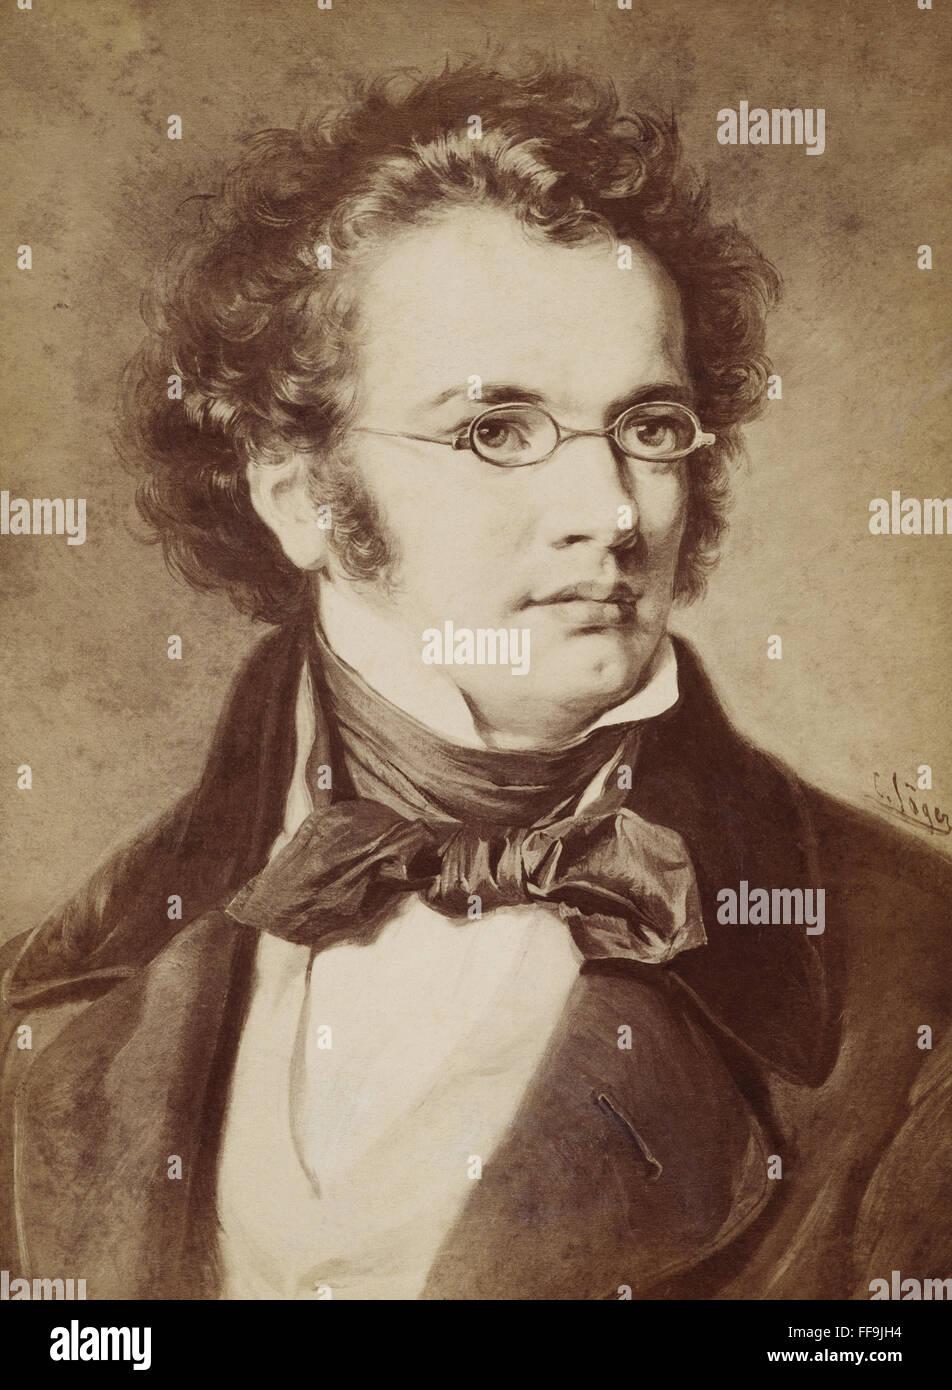 In Memorium Franz Schubert